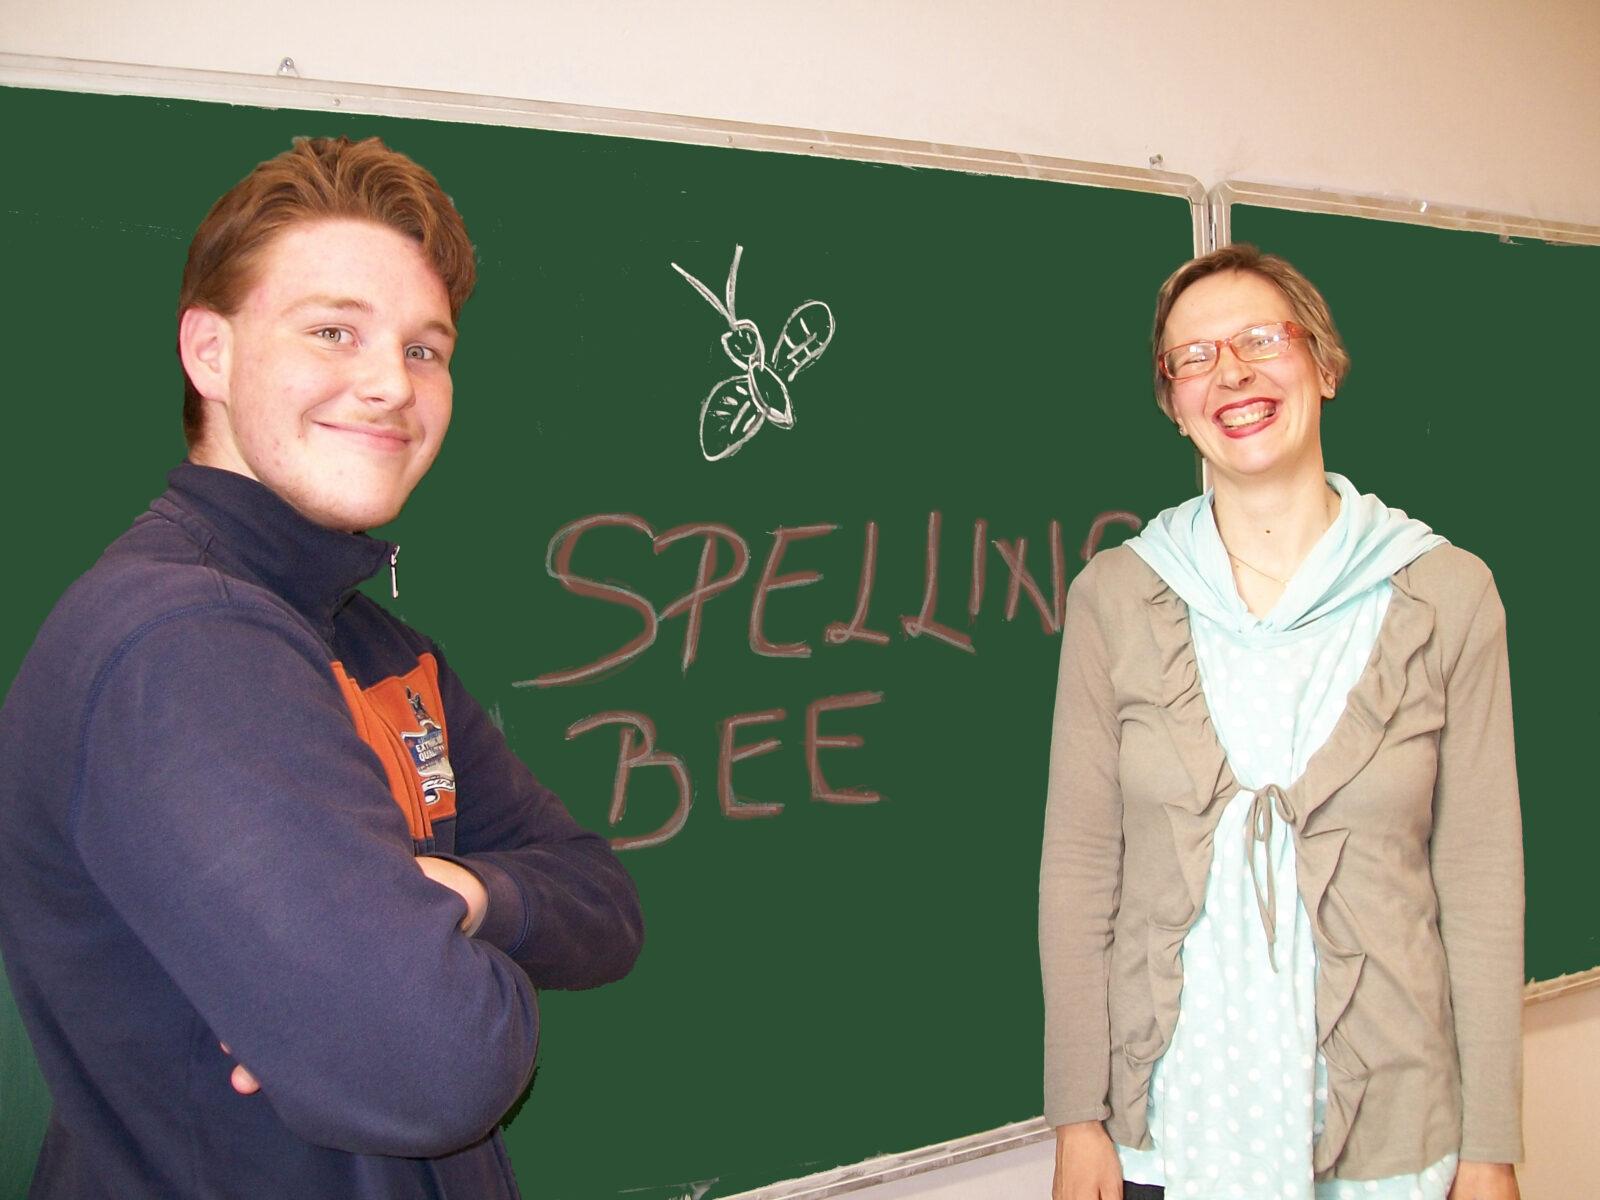 Prvo mjesto na županijskom natjecanju Spelling Bee